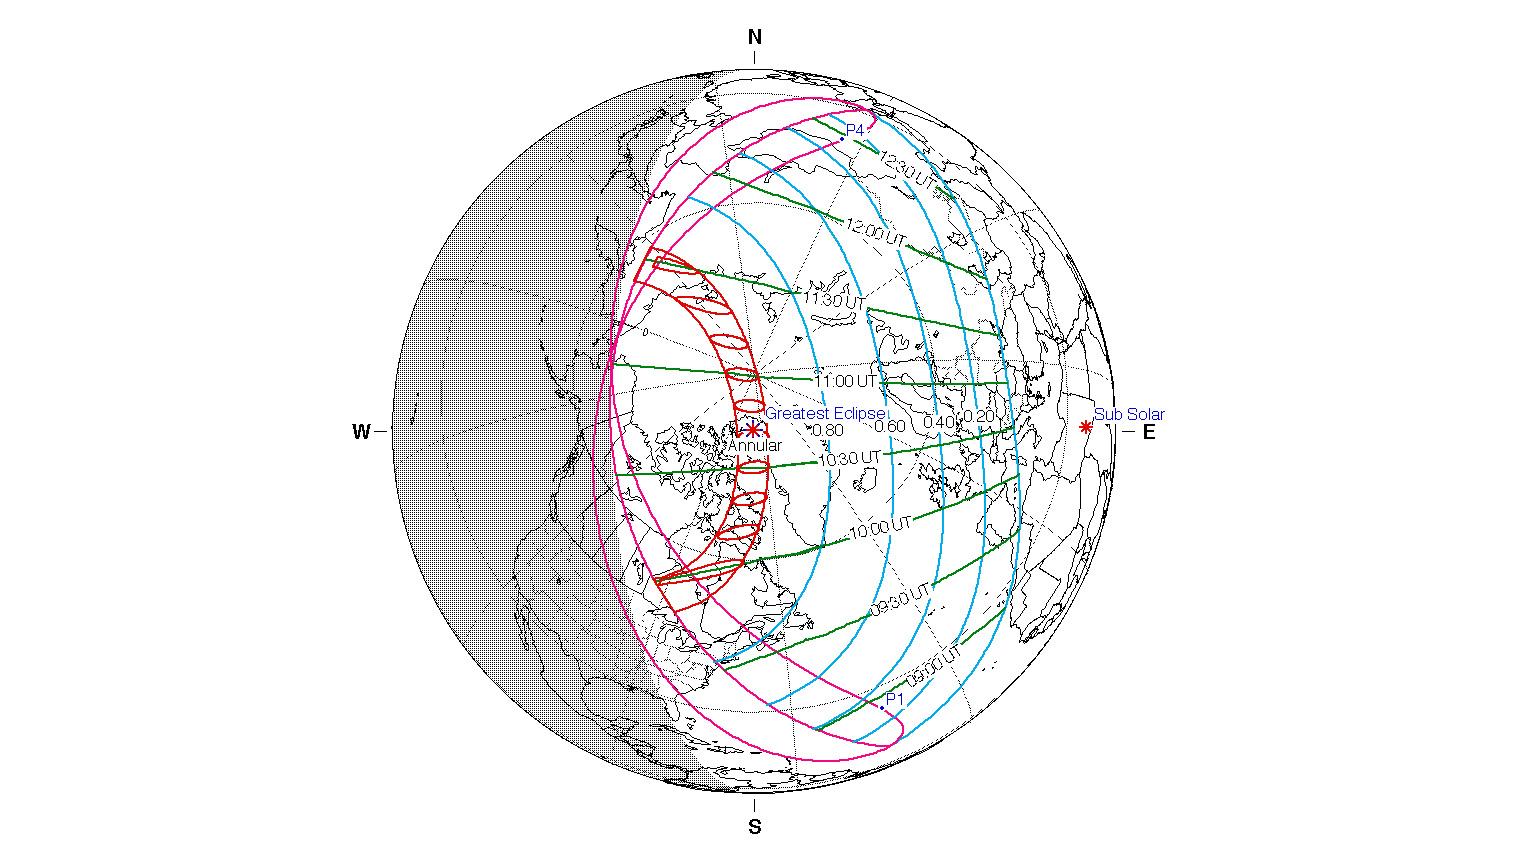 Une carte de la NASA de la trajectoire de l'éclipse solaire annulaire du 10 juin 2021 montre le voyage qu'elle effectuera à travers les régions les plus septentrionales de la Terre.